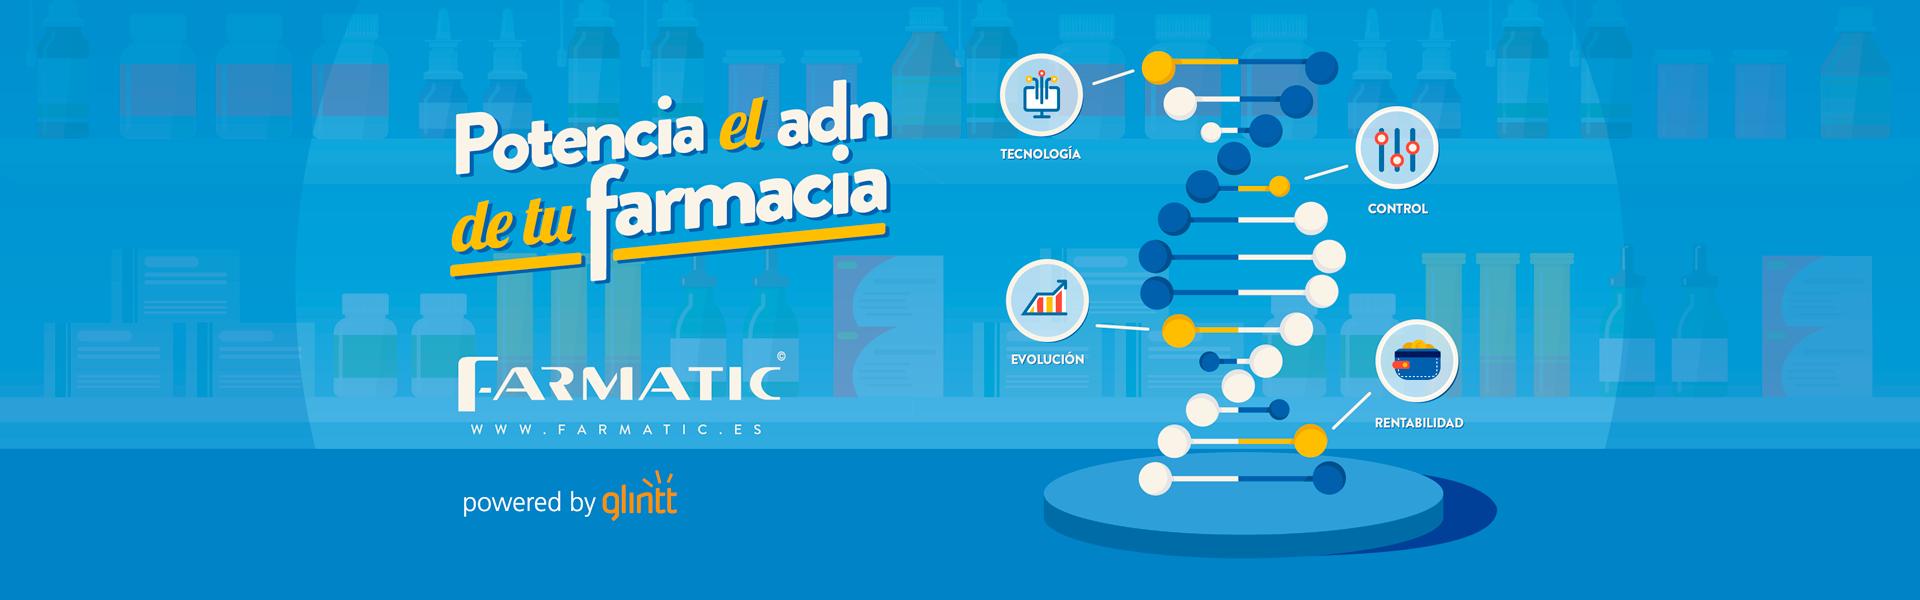 Farmatic potencia el ADN de tu farmacia